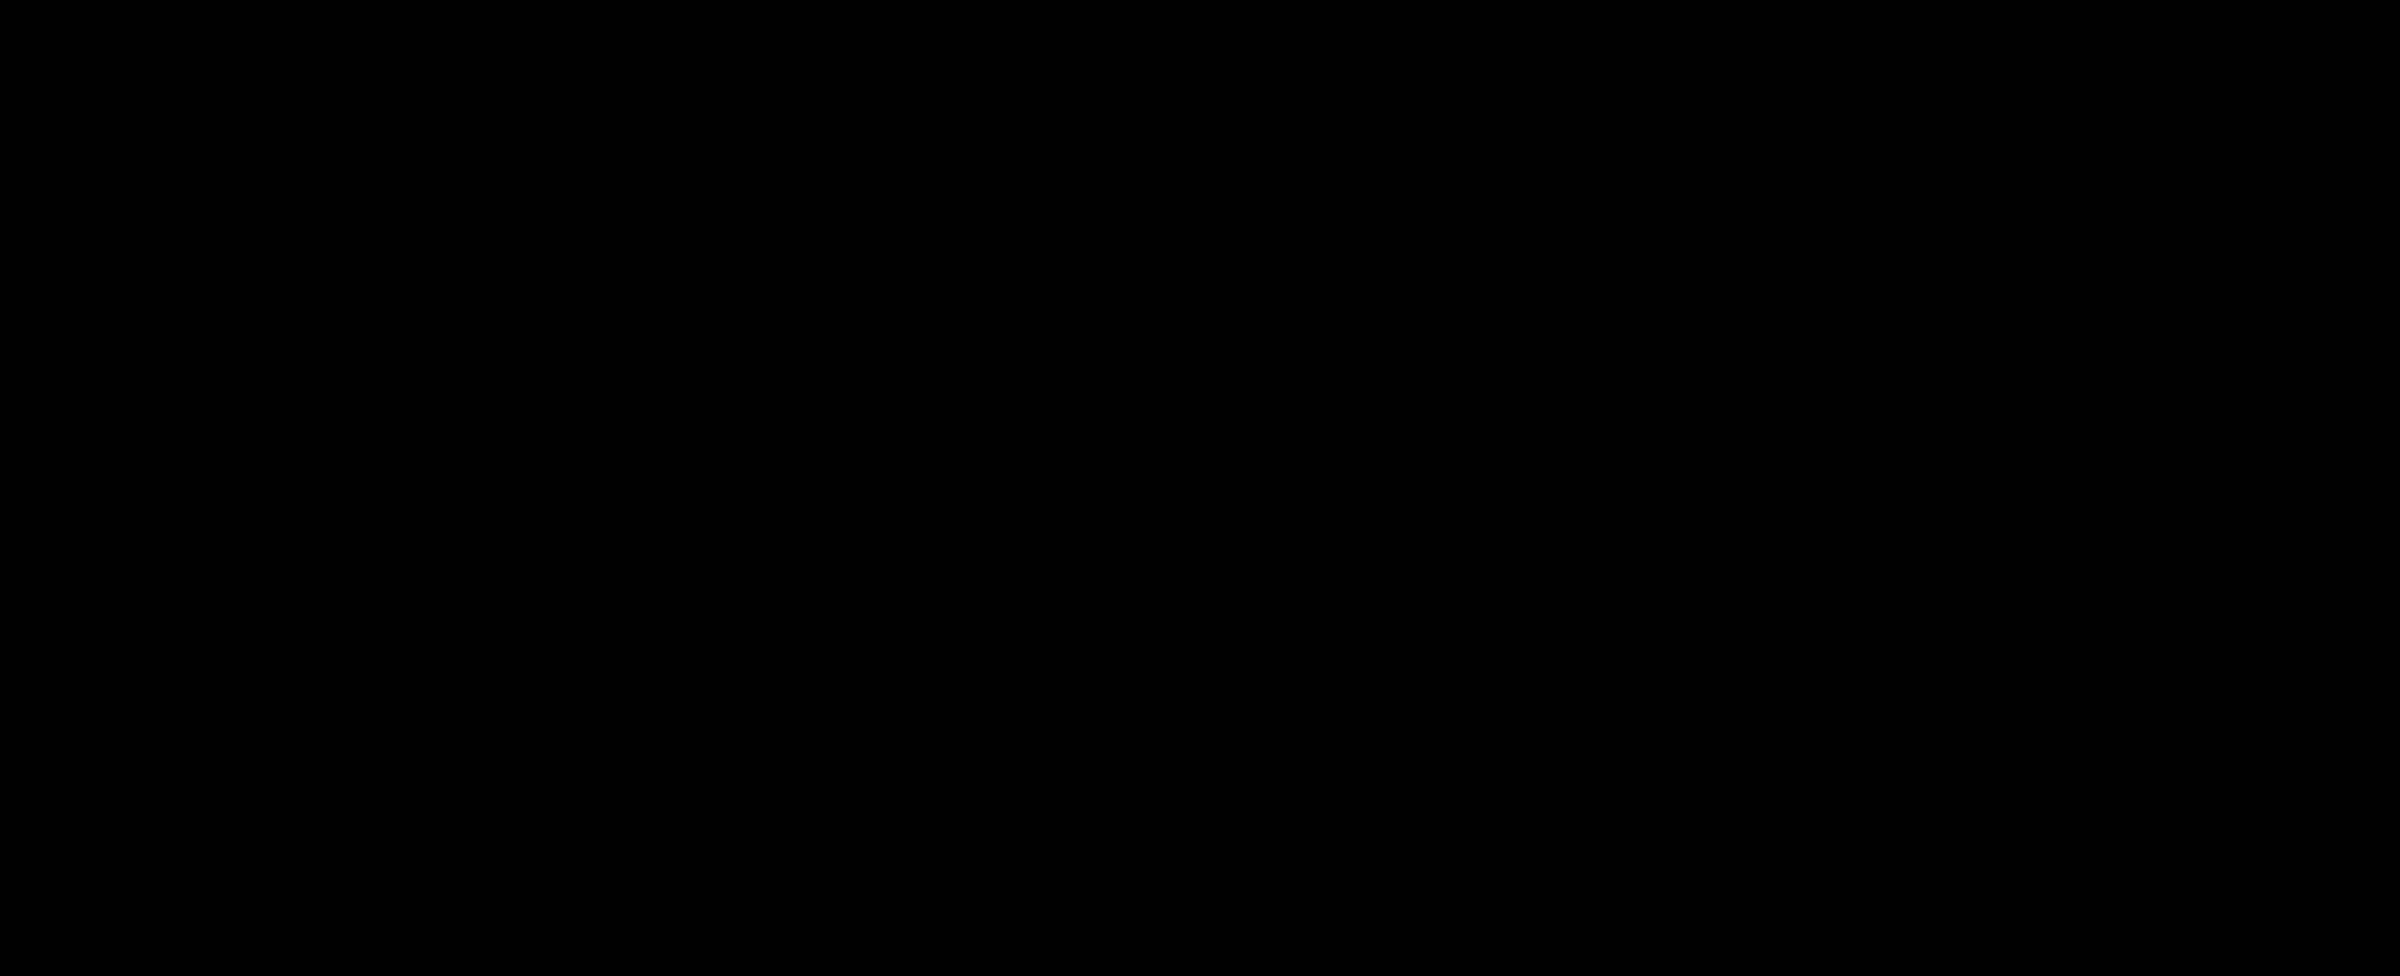 Clipart - IEC Diode Symbol